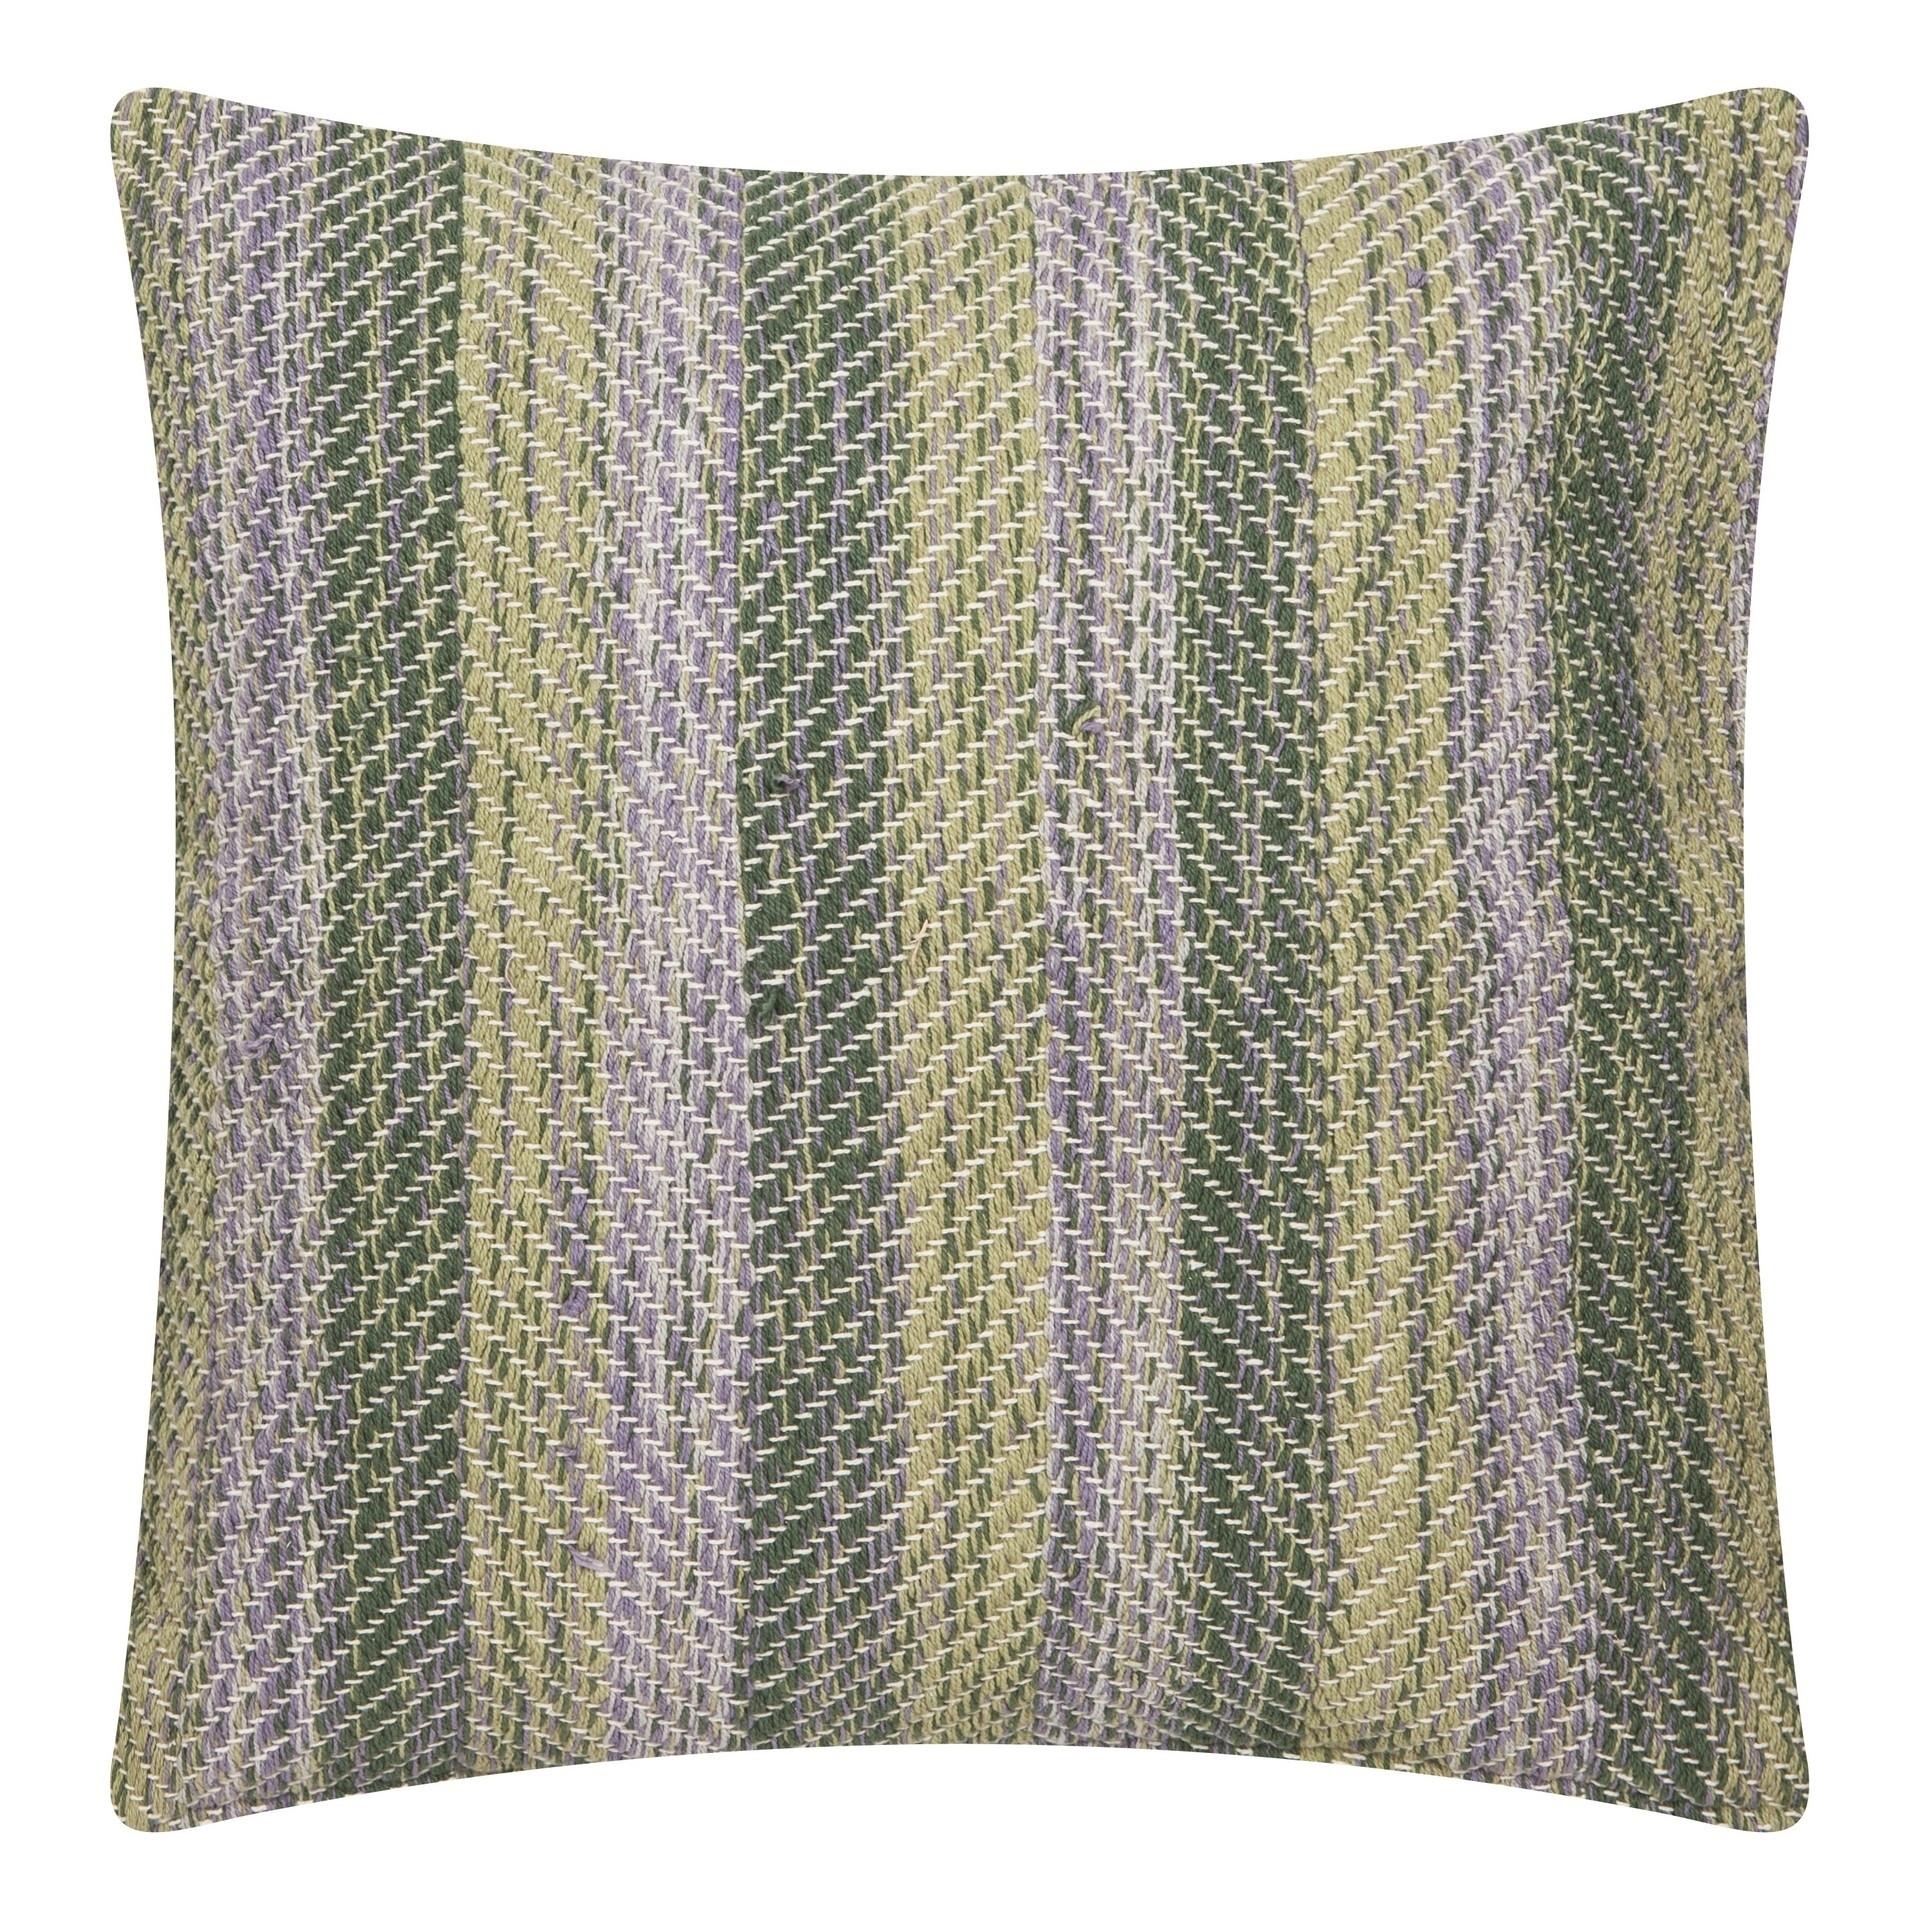 Poduszka z poszewką Multi Wave tymianek 45x45 cm